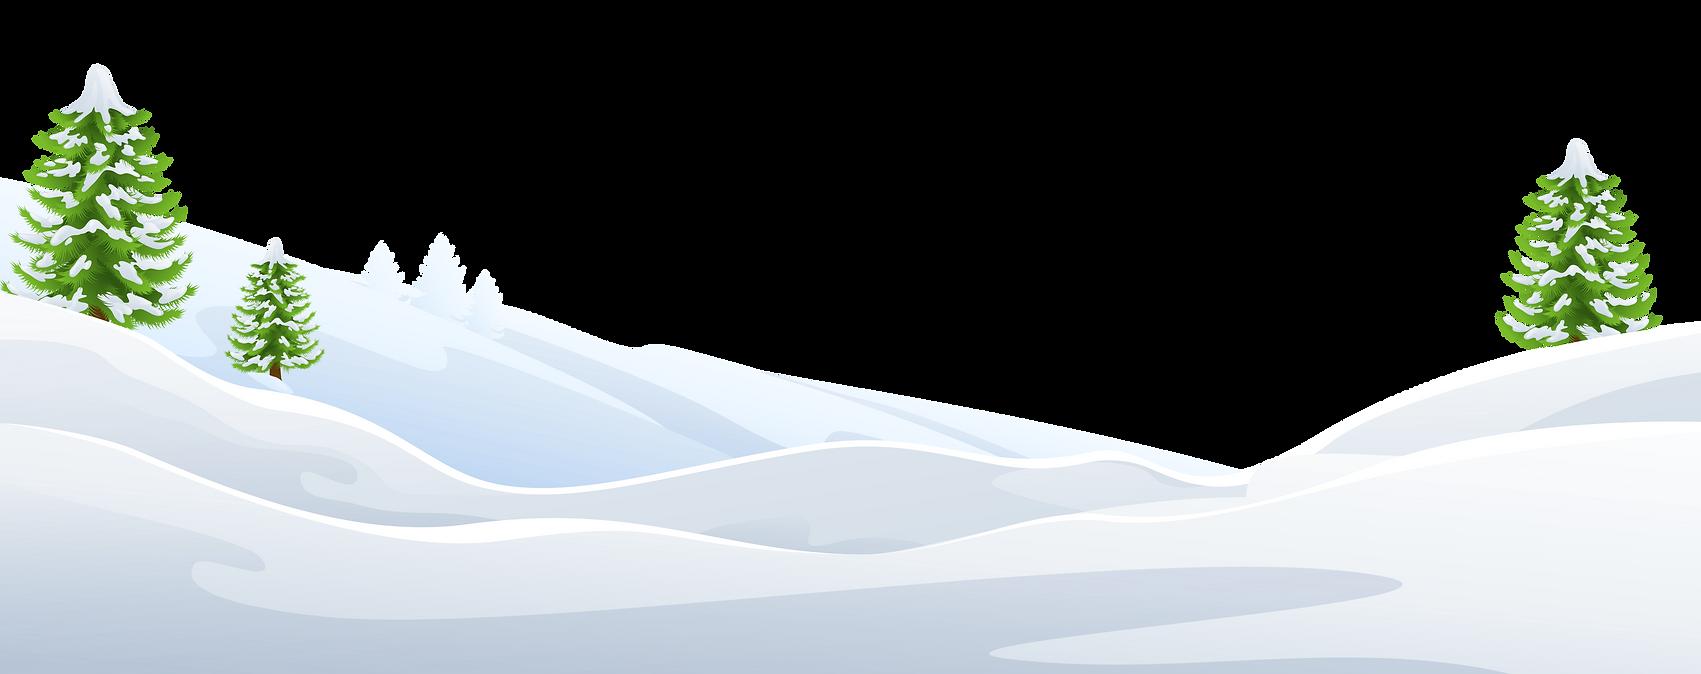 snow-clipart-transparent-background-3.pn